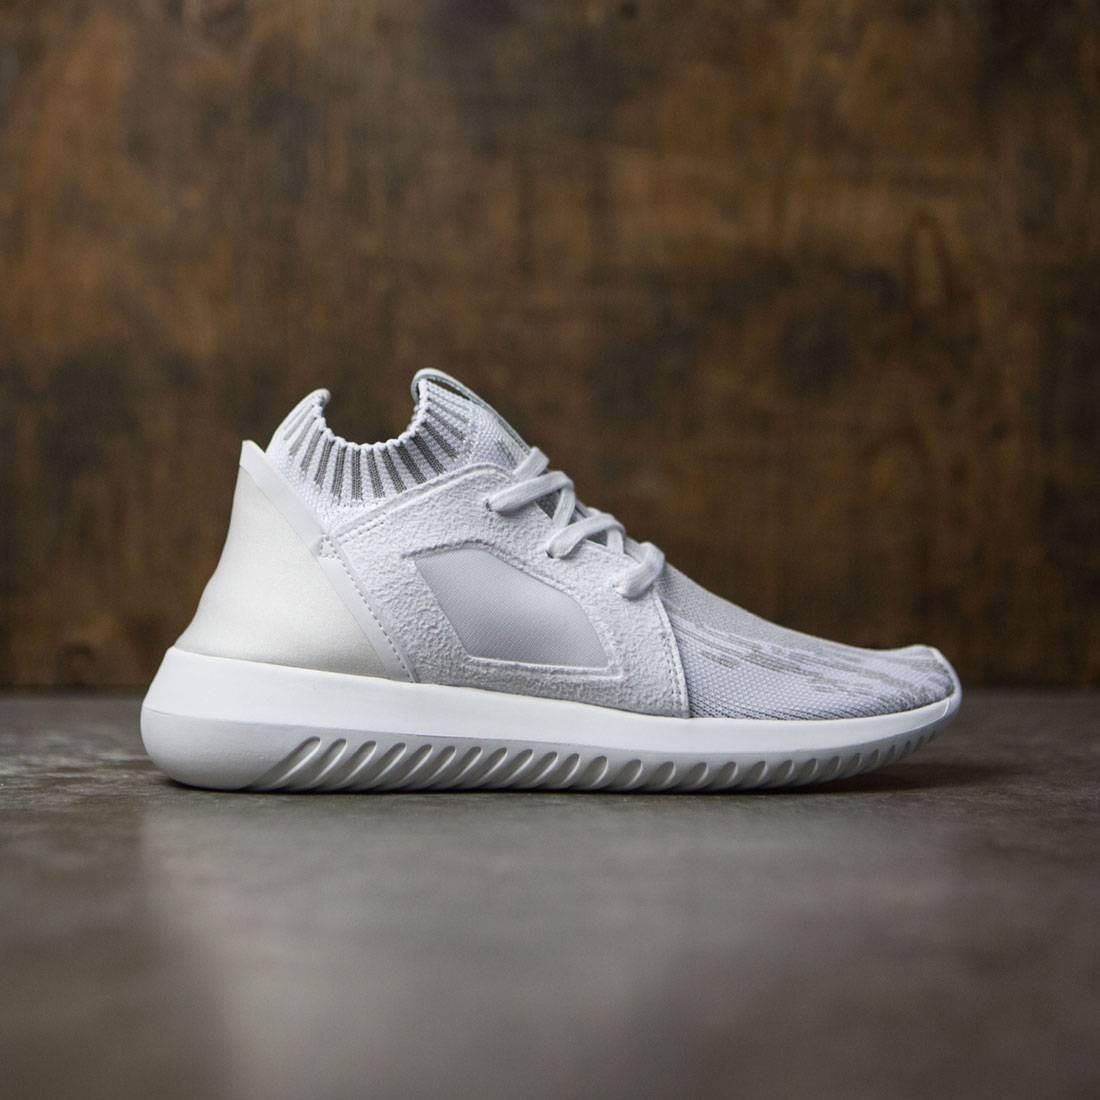 【海外限定】アディダス 白 ホワイト スニーカー レディース靴 【 ADIDAS WHITE WOMEN TUBULAR DEFIANT PRIMEKNIT W FOOTWEAR CLEAR GRANITE 】